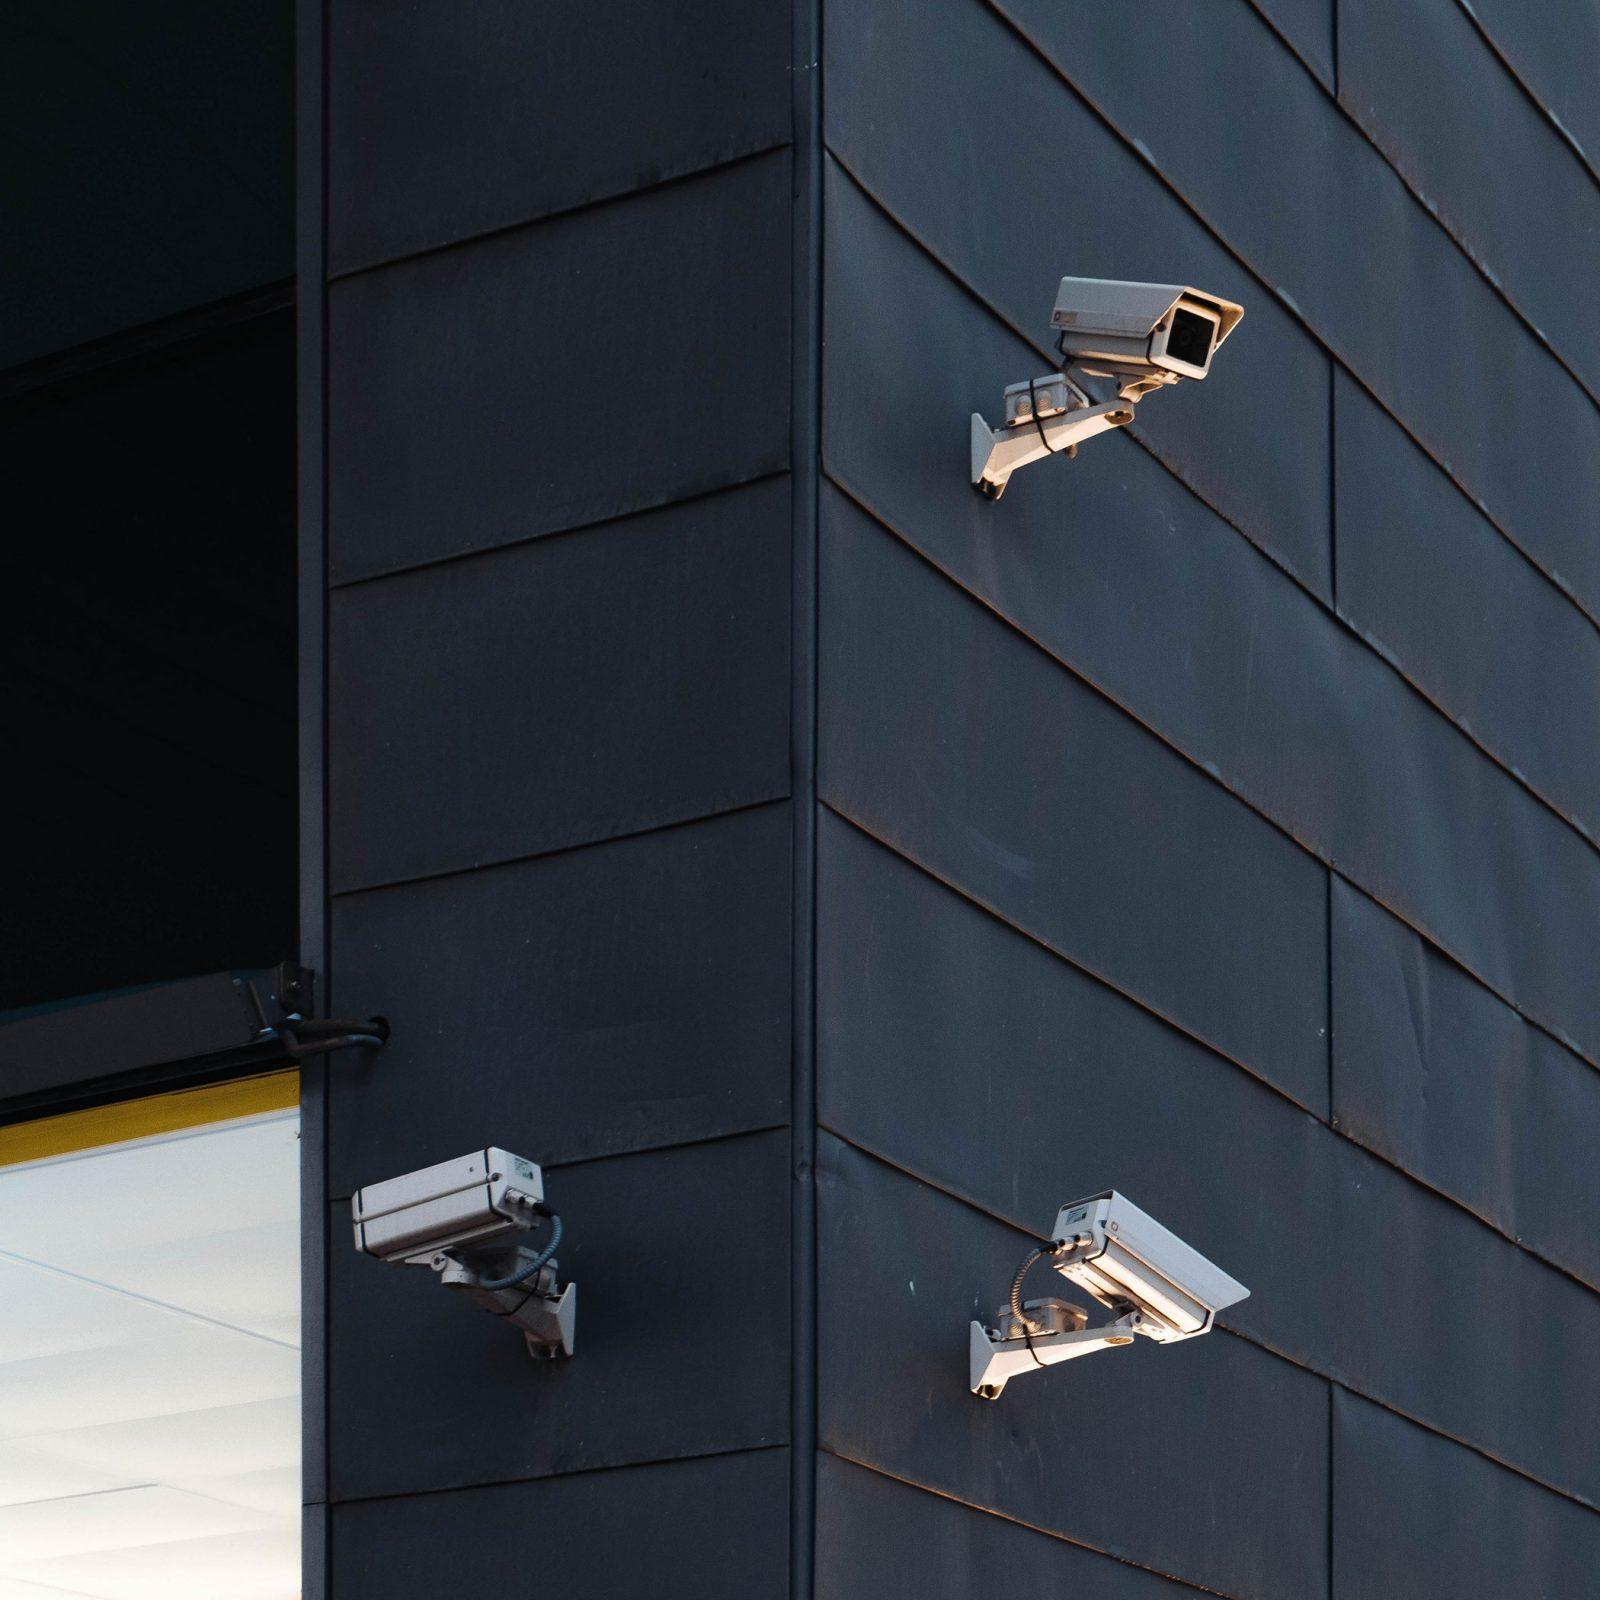 מצלמות אבטחה במגעל סגור